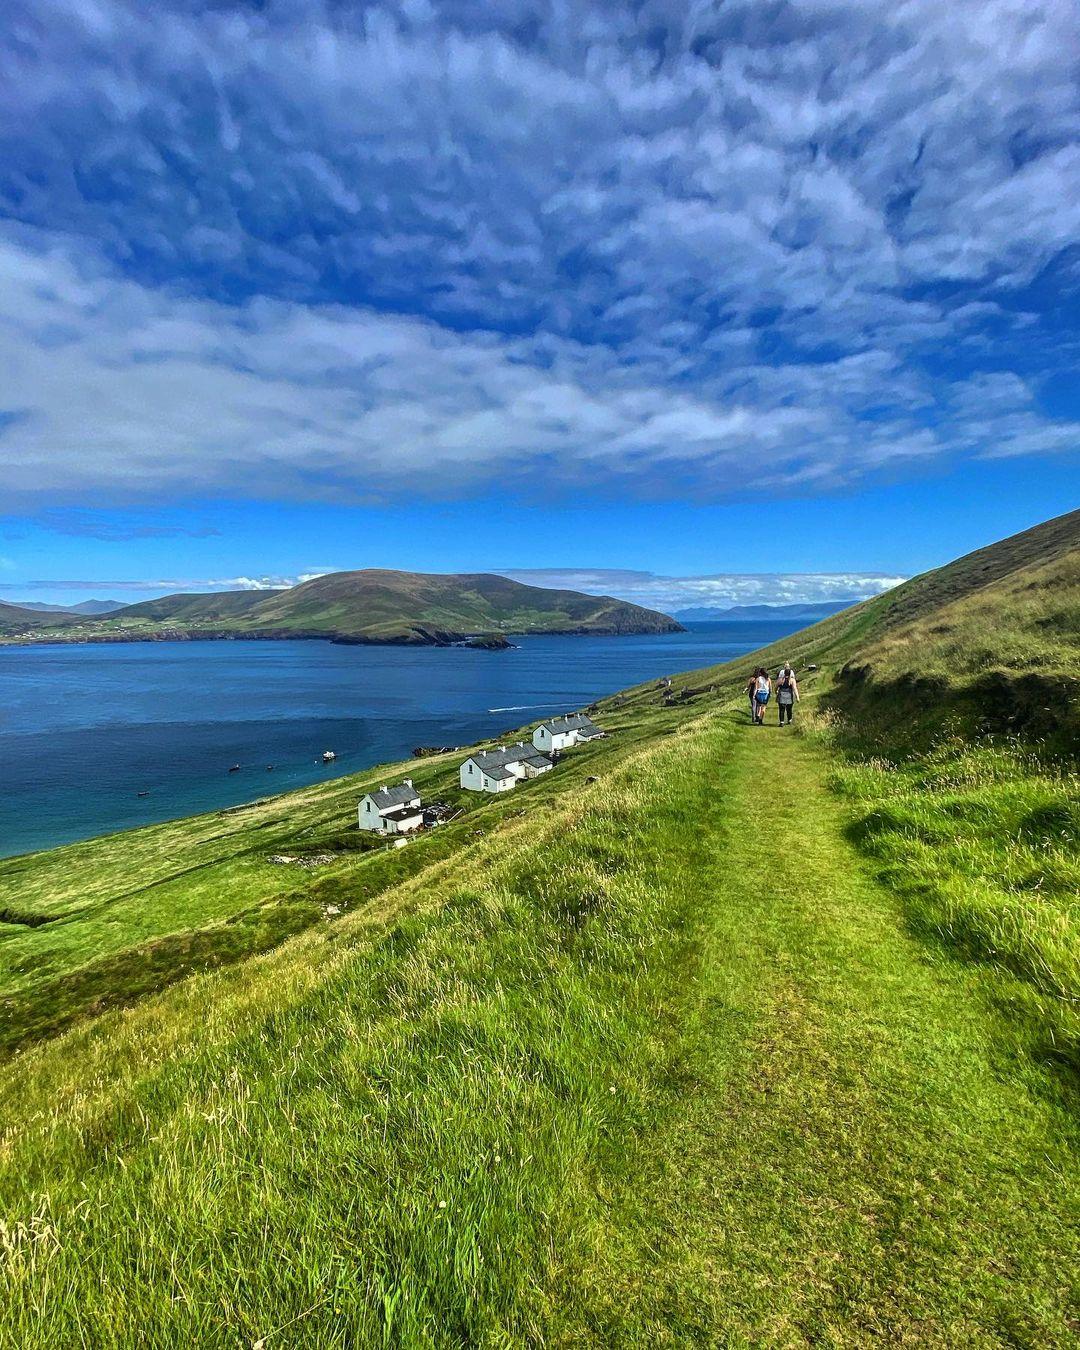 Đảo Blasket là hòn đảo lớn nhất trong quần đảo cùng tên, nằm ngoài khơi bờ biển Dingle tại quận Kerry. Hòn đảo được biết đến với nhiều loài động vật hoang dã sinh sống như hải cẩu xám, thiên nhiên hoang sơ và địa hình đồi núi. Ảnh: @_letsgohere_/Instagram